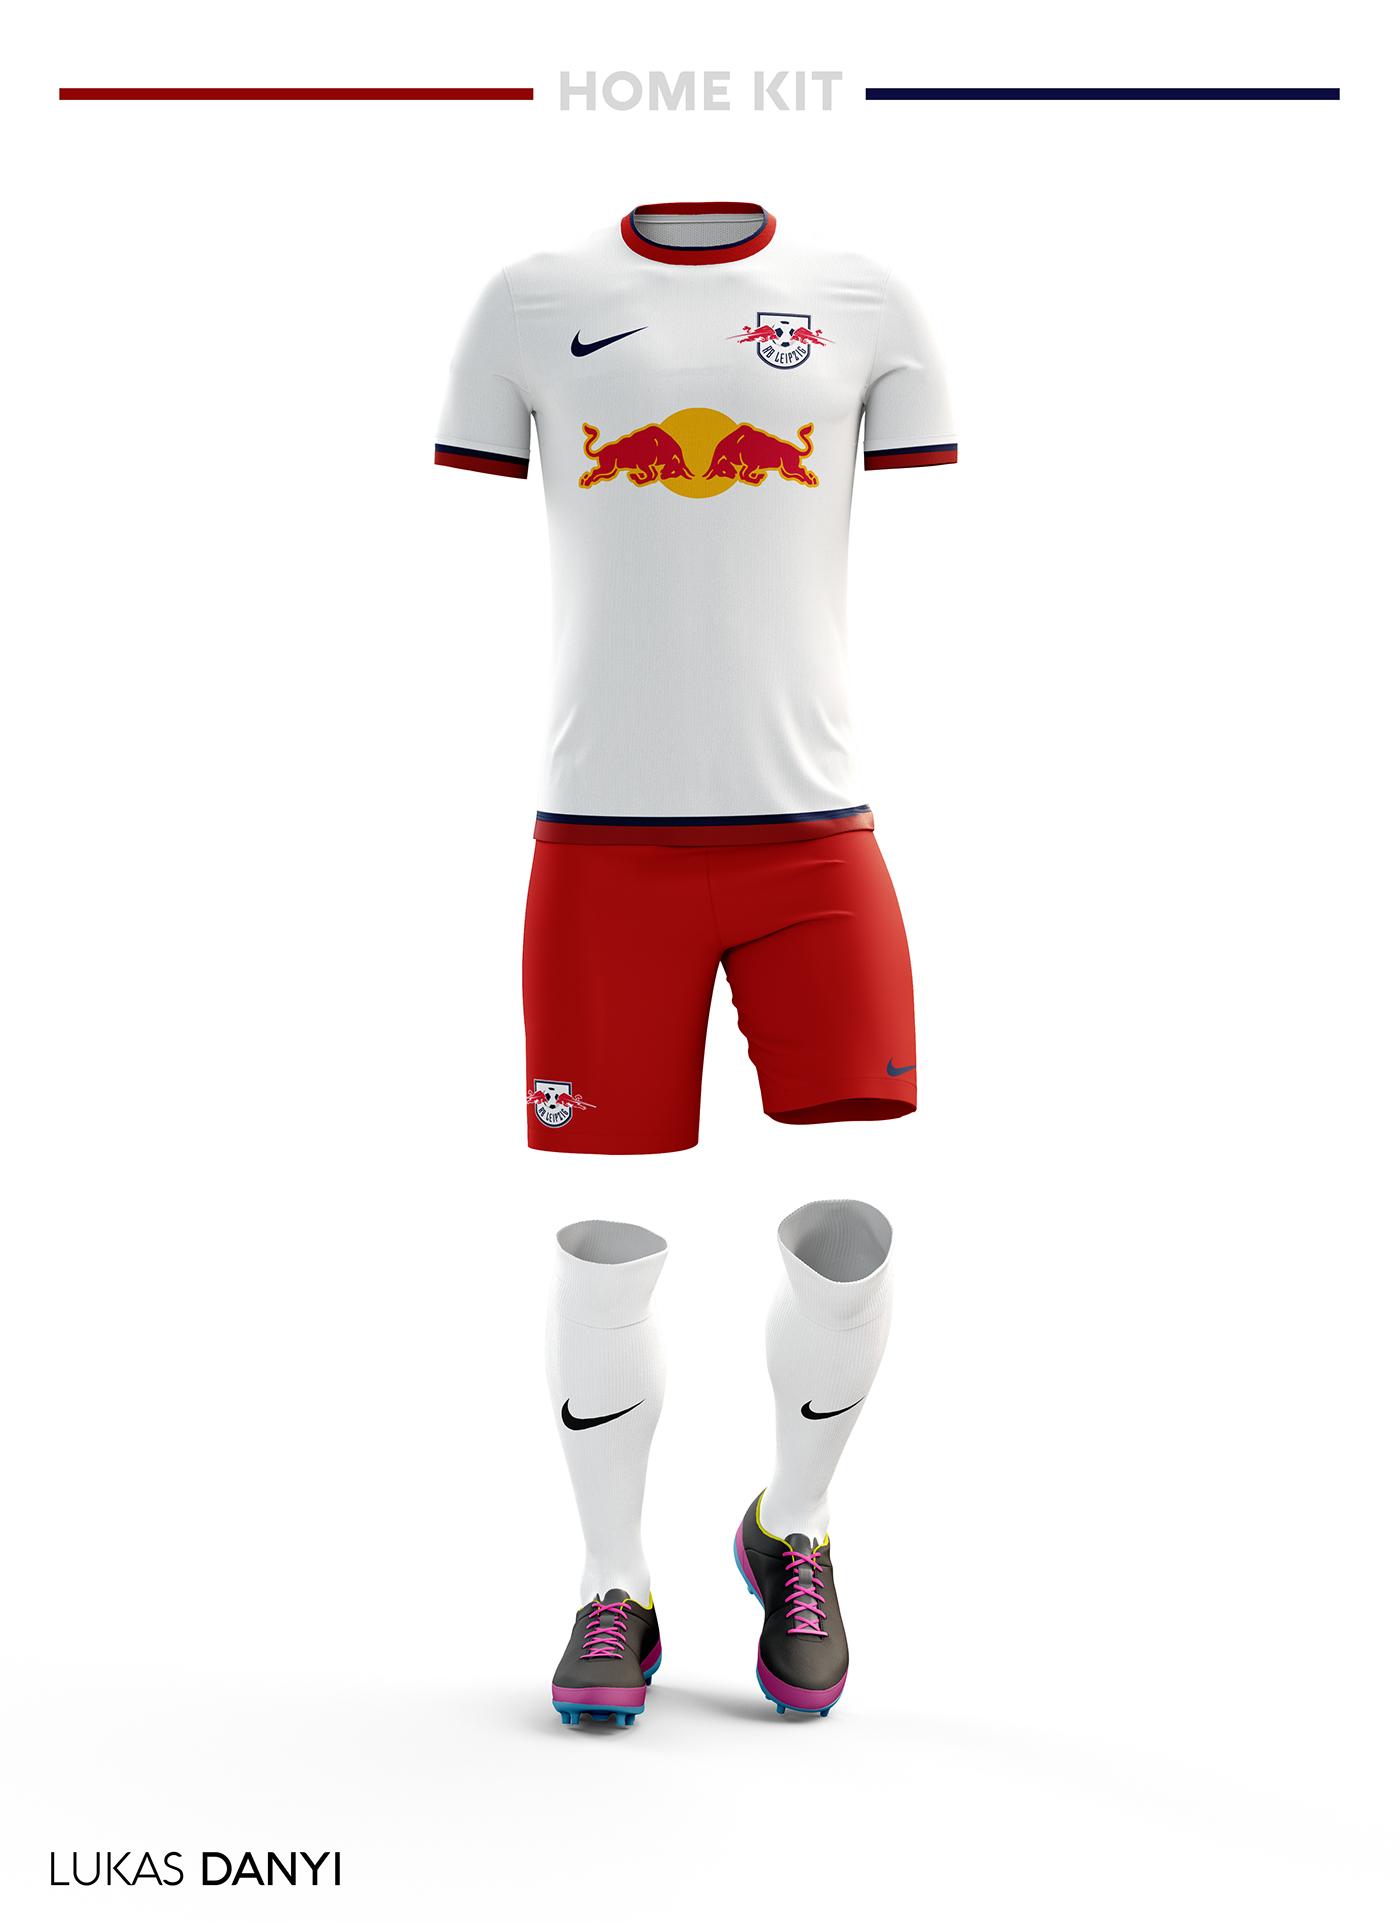 RB Leipzig Football Kit 17 18. on Behance 0f5cacab5